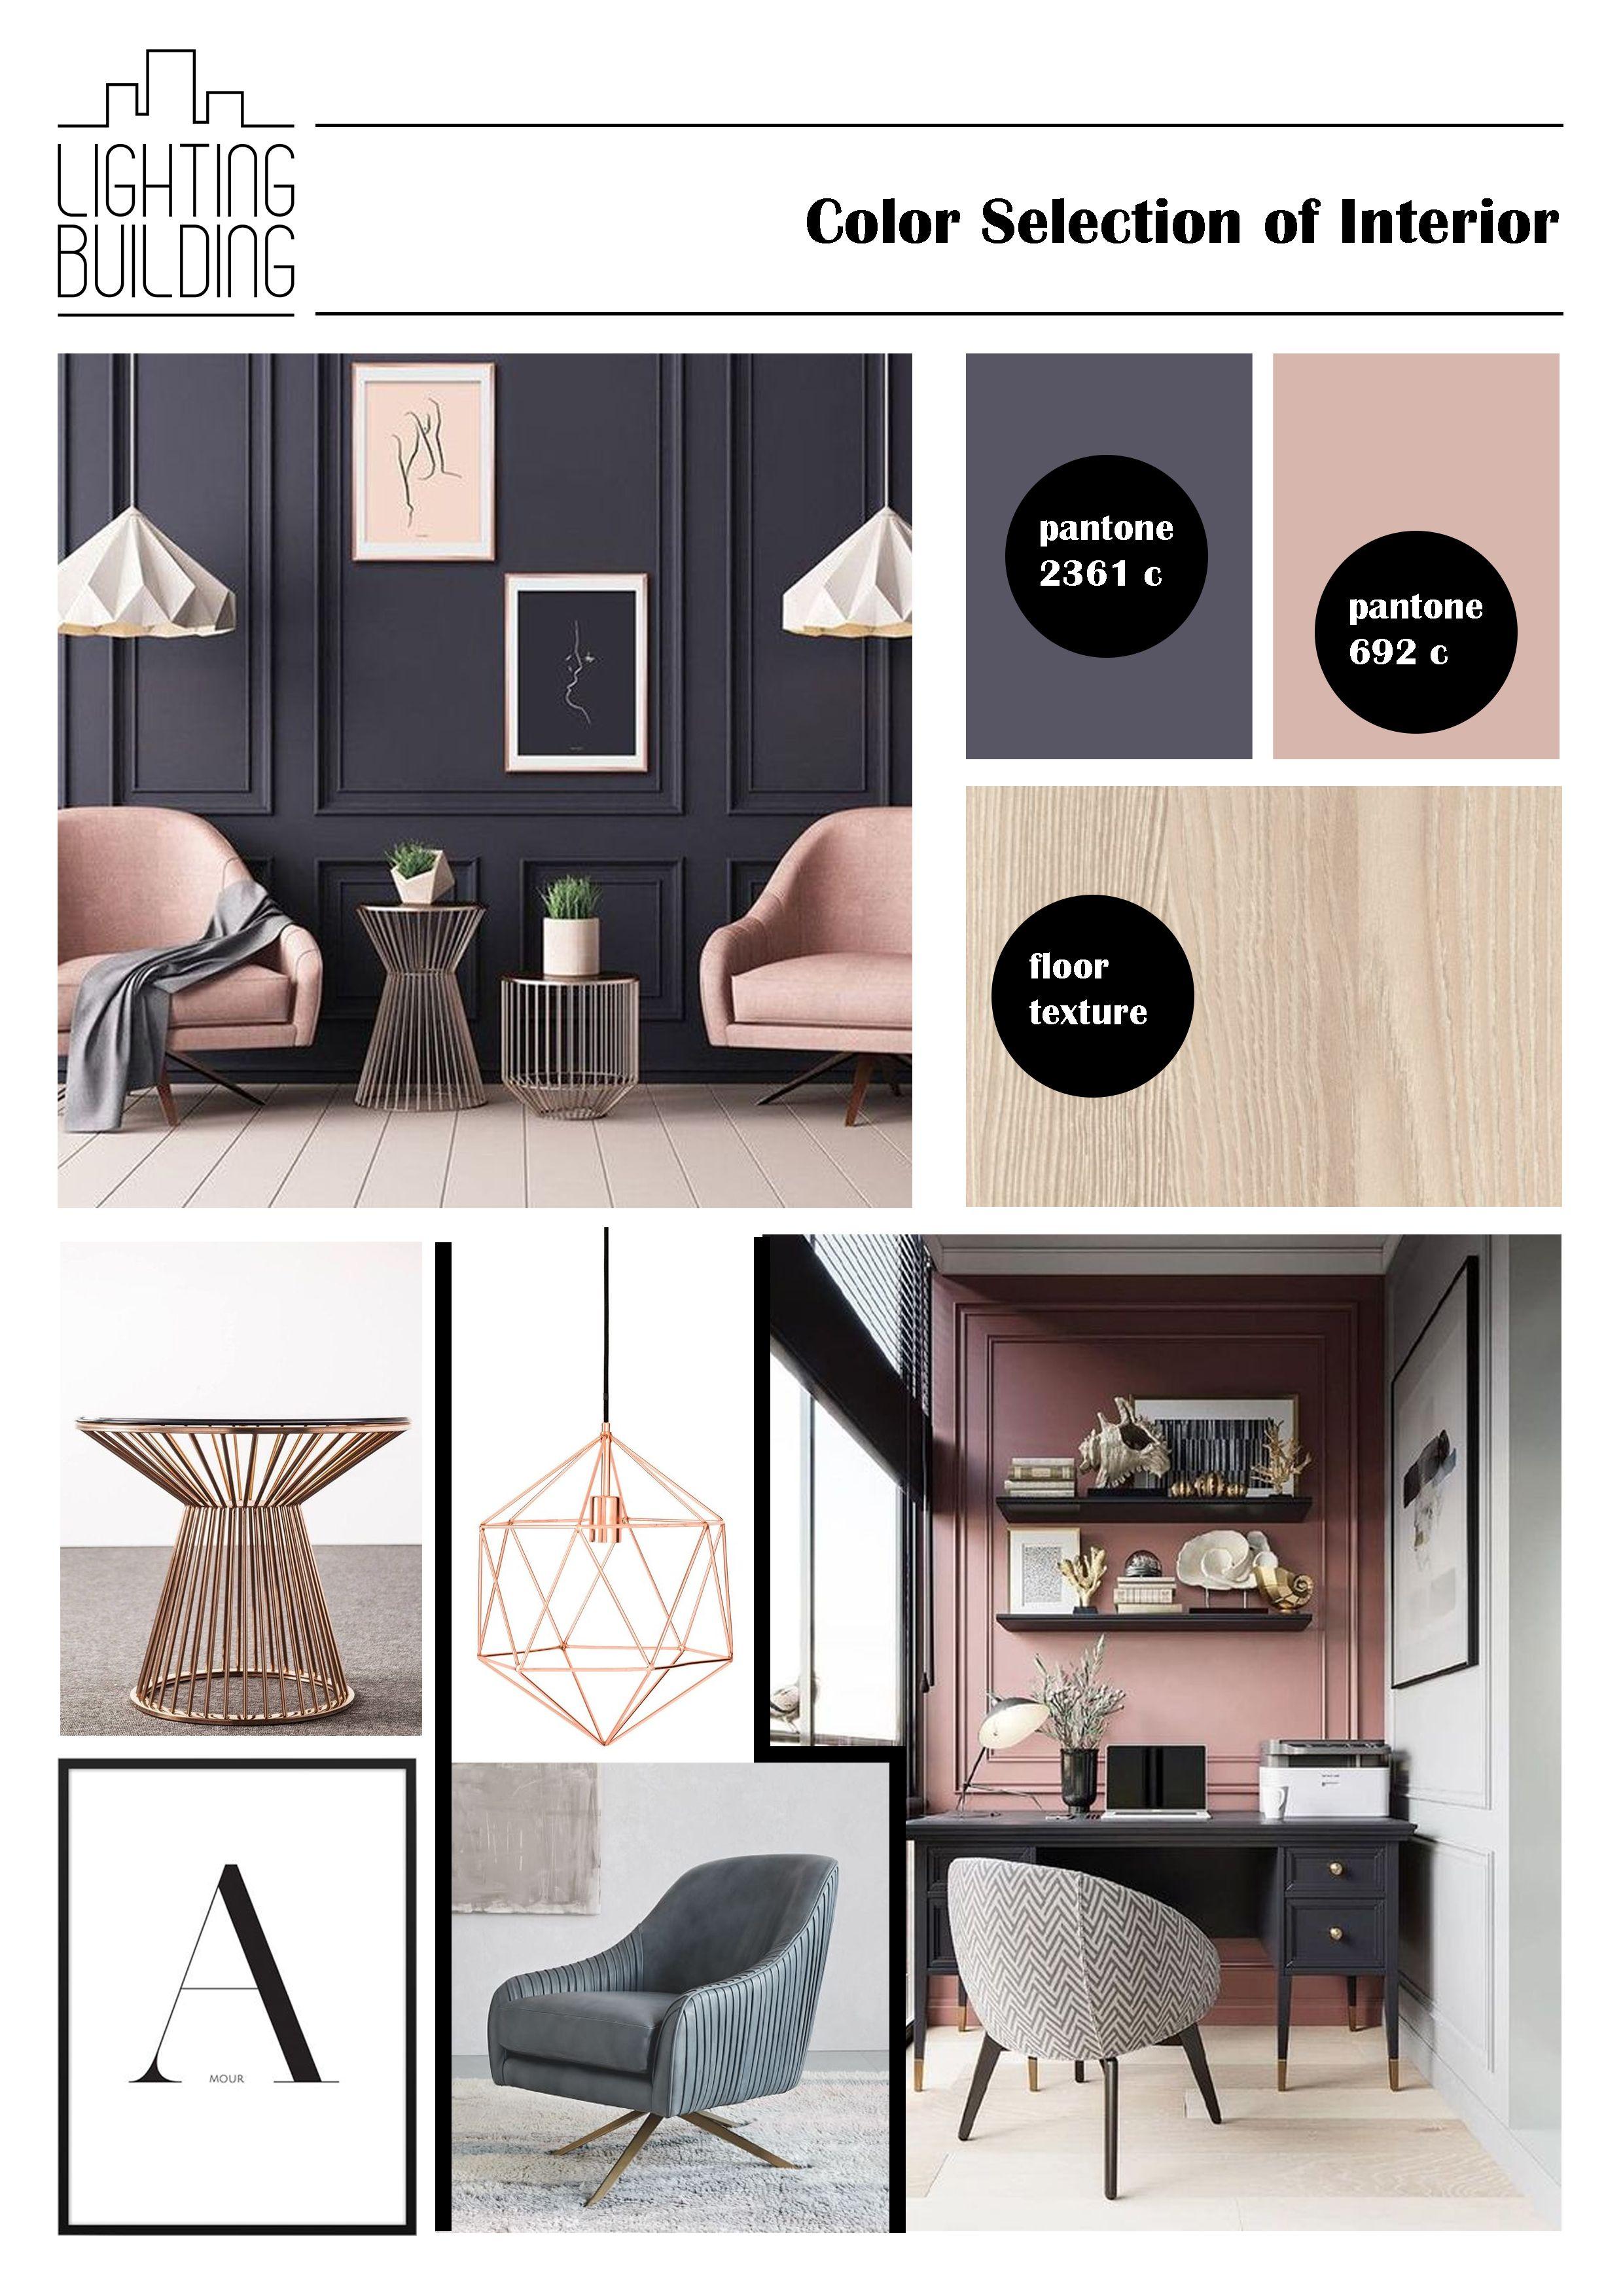 Pantone Color Of Interior Interior Design Mood Board Interior Design Presentation Interior Design Boards